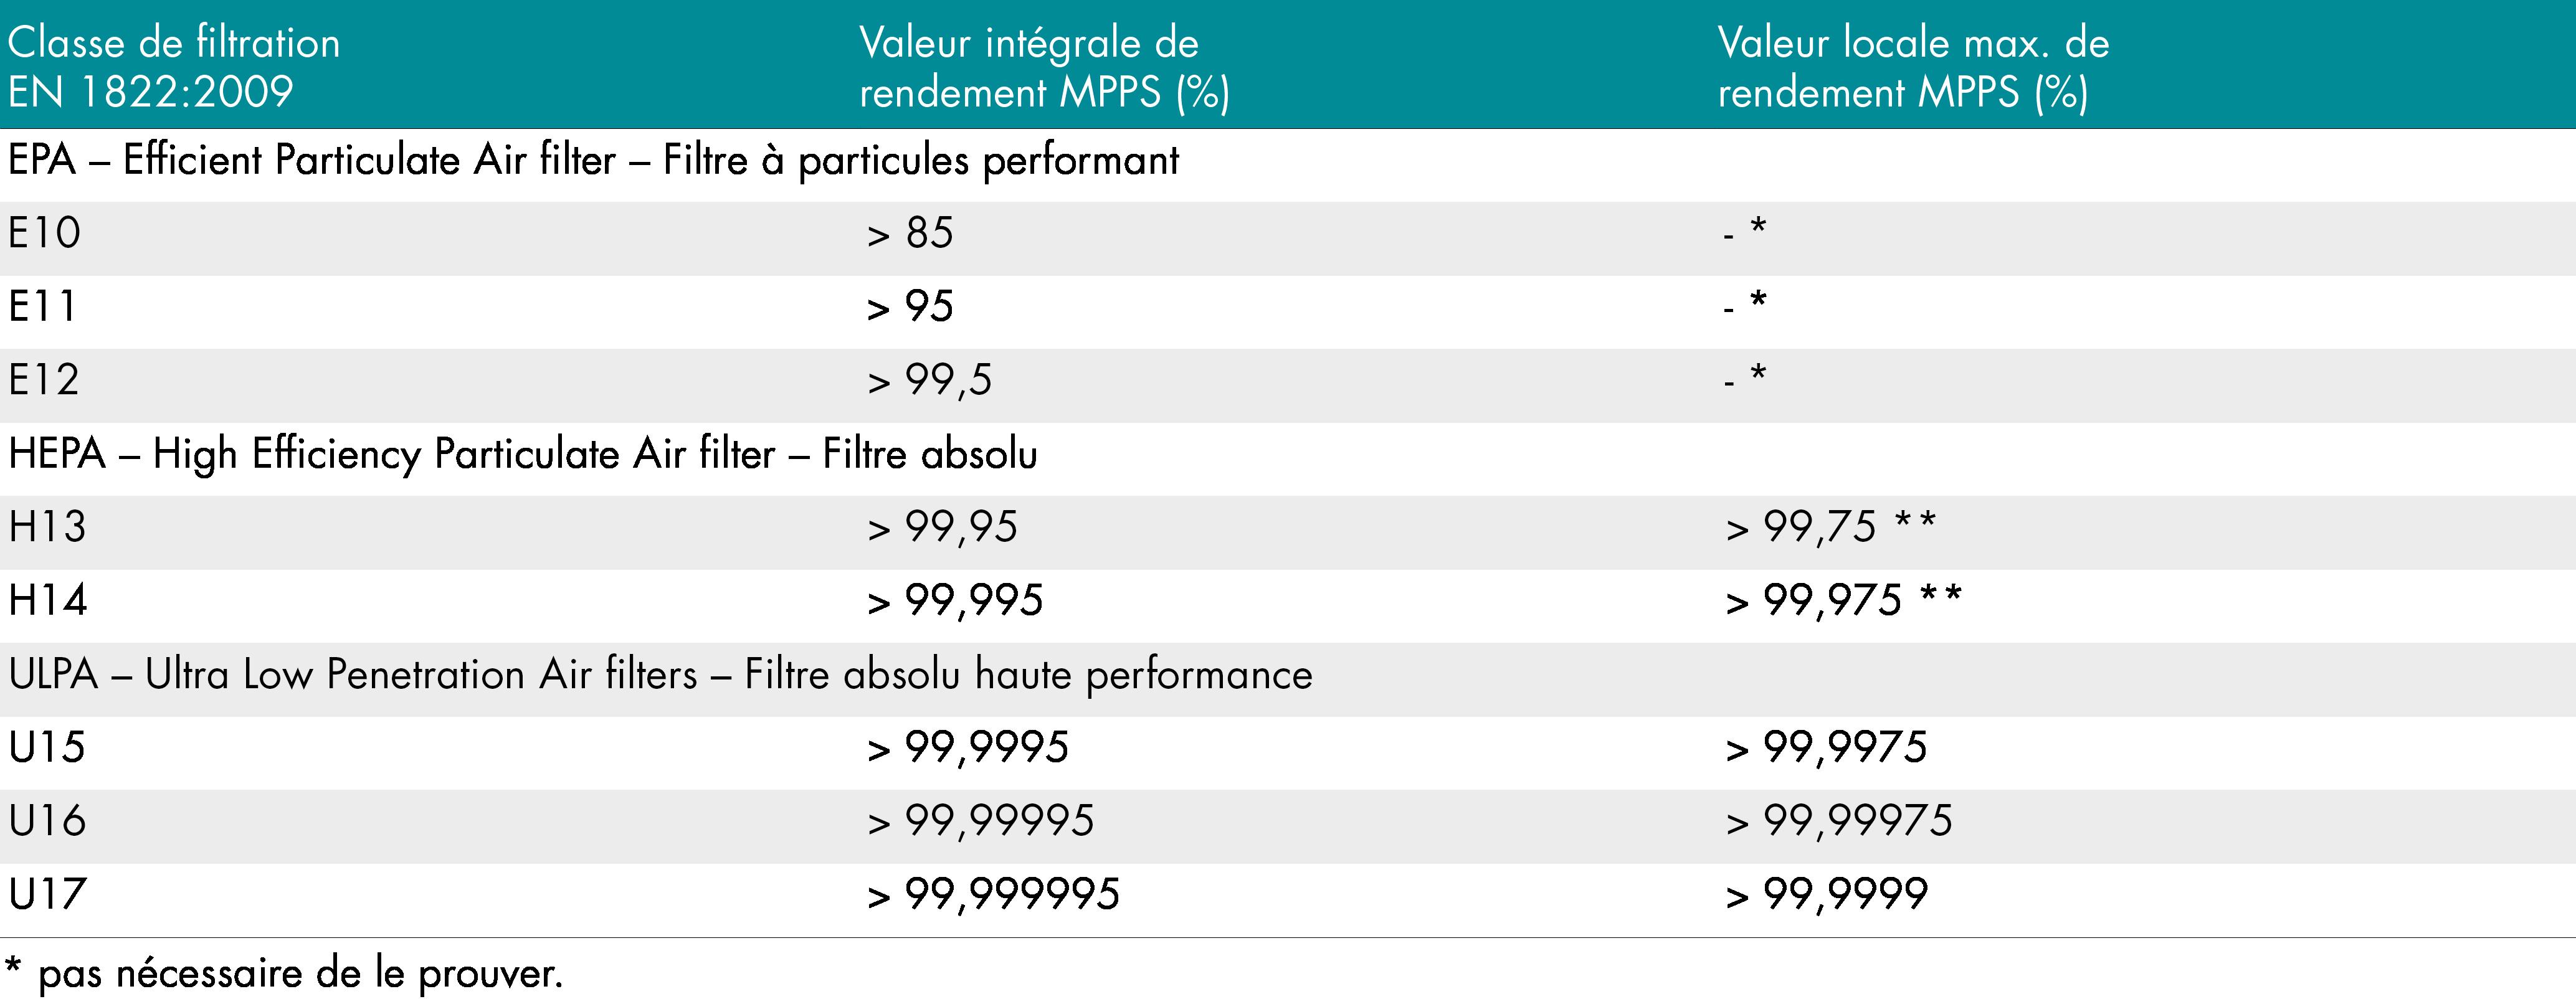 Classe de filtration EN 1822:2009 – filtres absolus